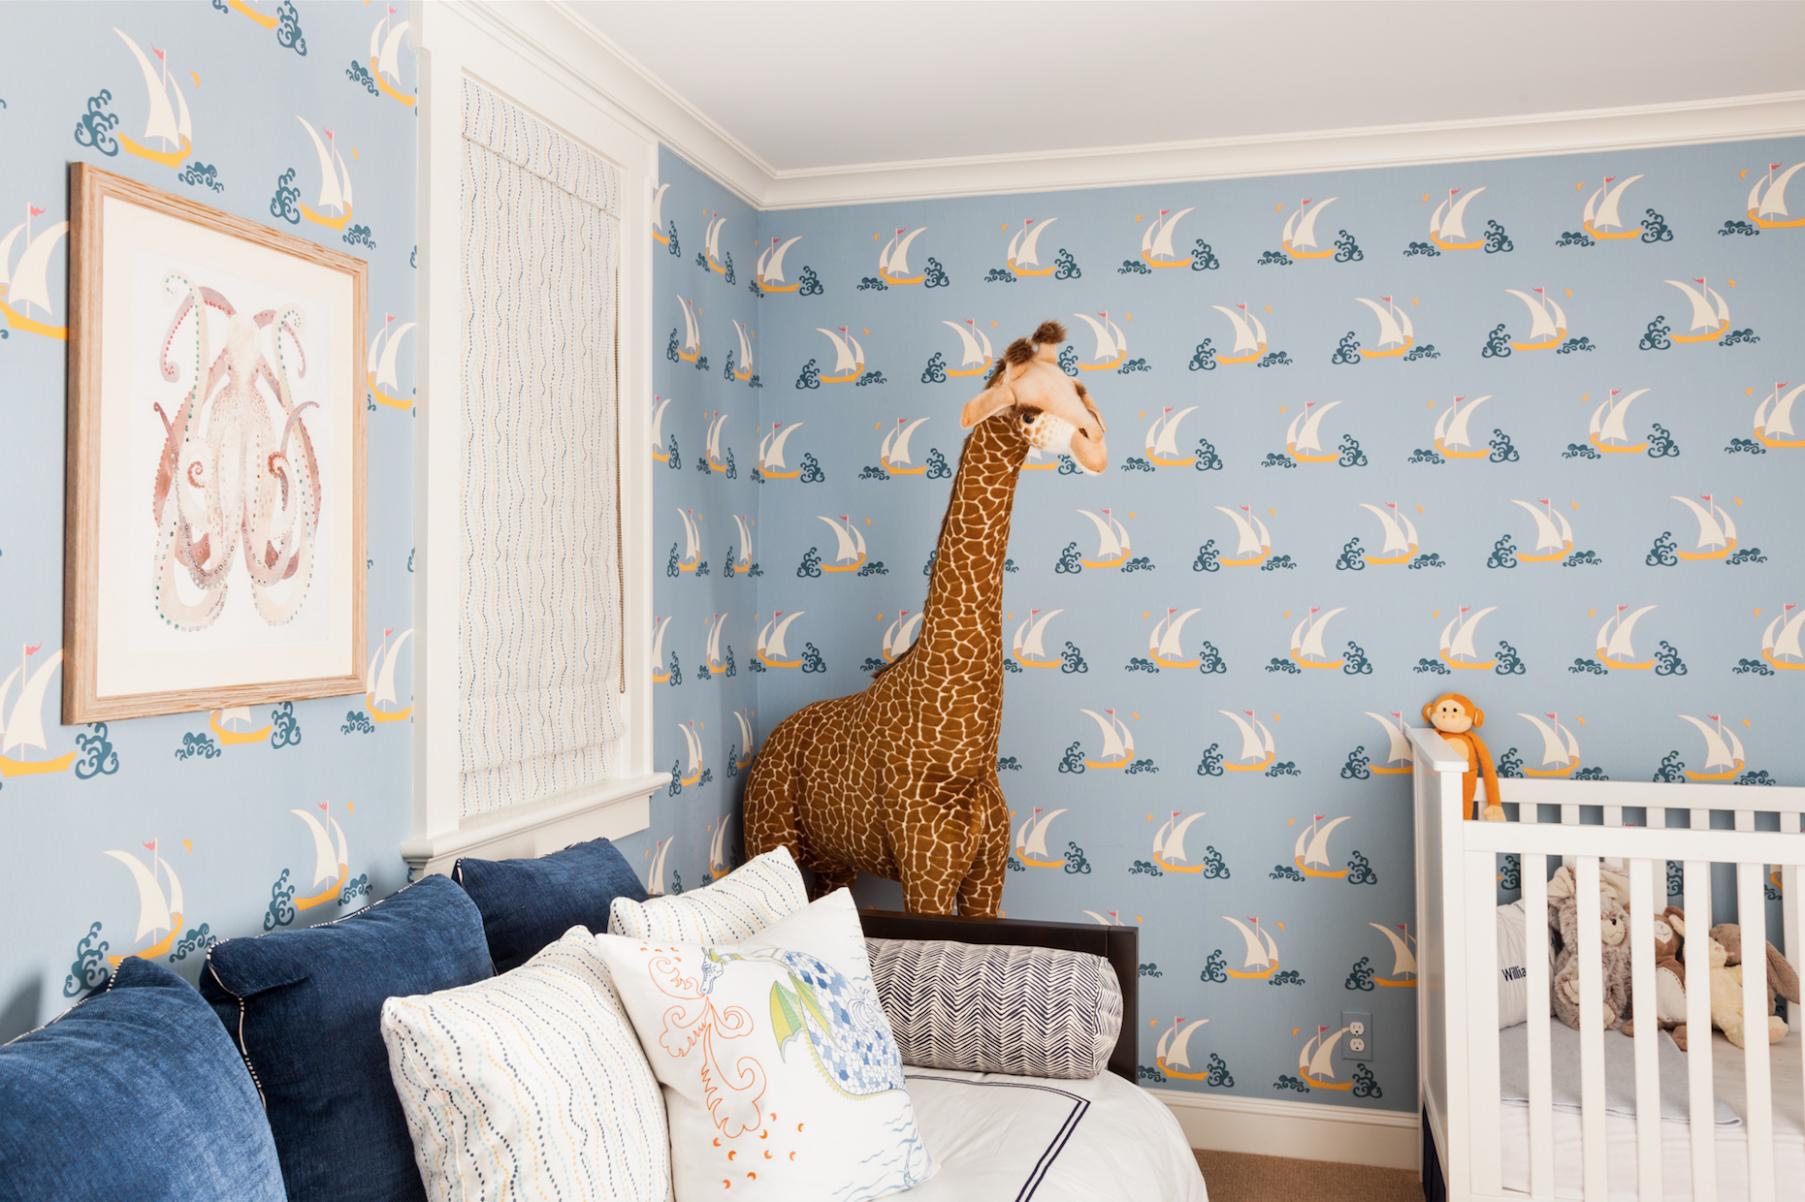 12 Baby Boy Room Ideas - Cute Boy Nursery Decorating Ideas - Baby Room For Boy